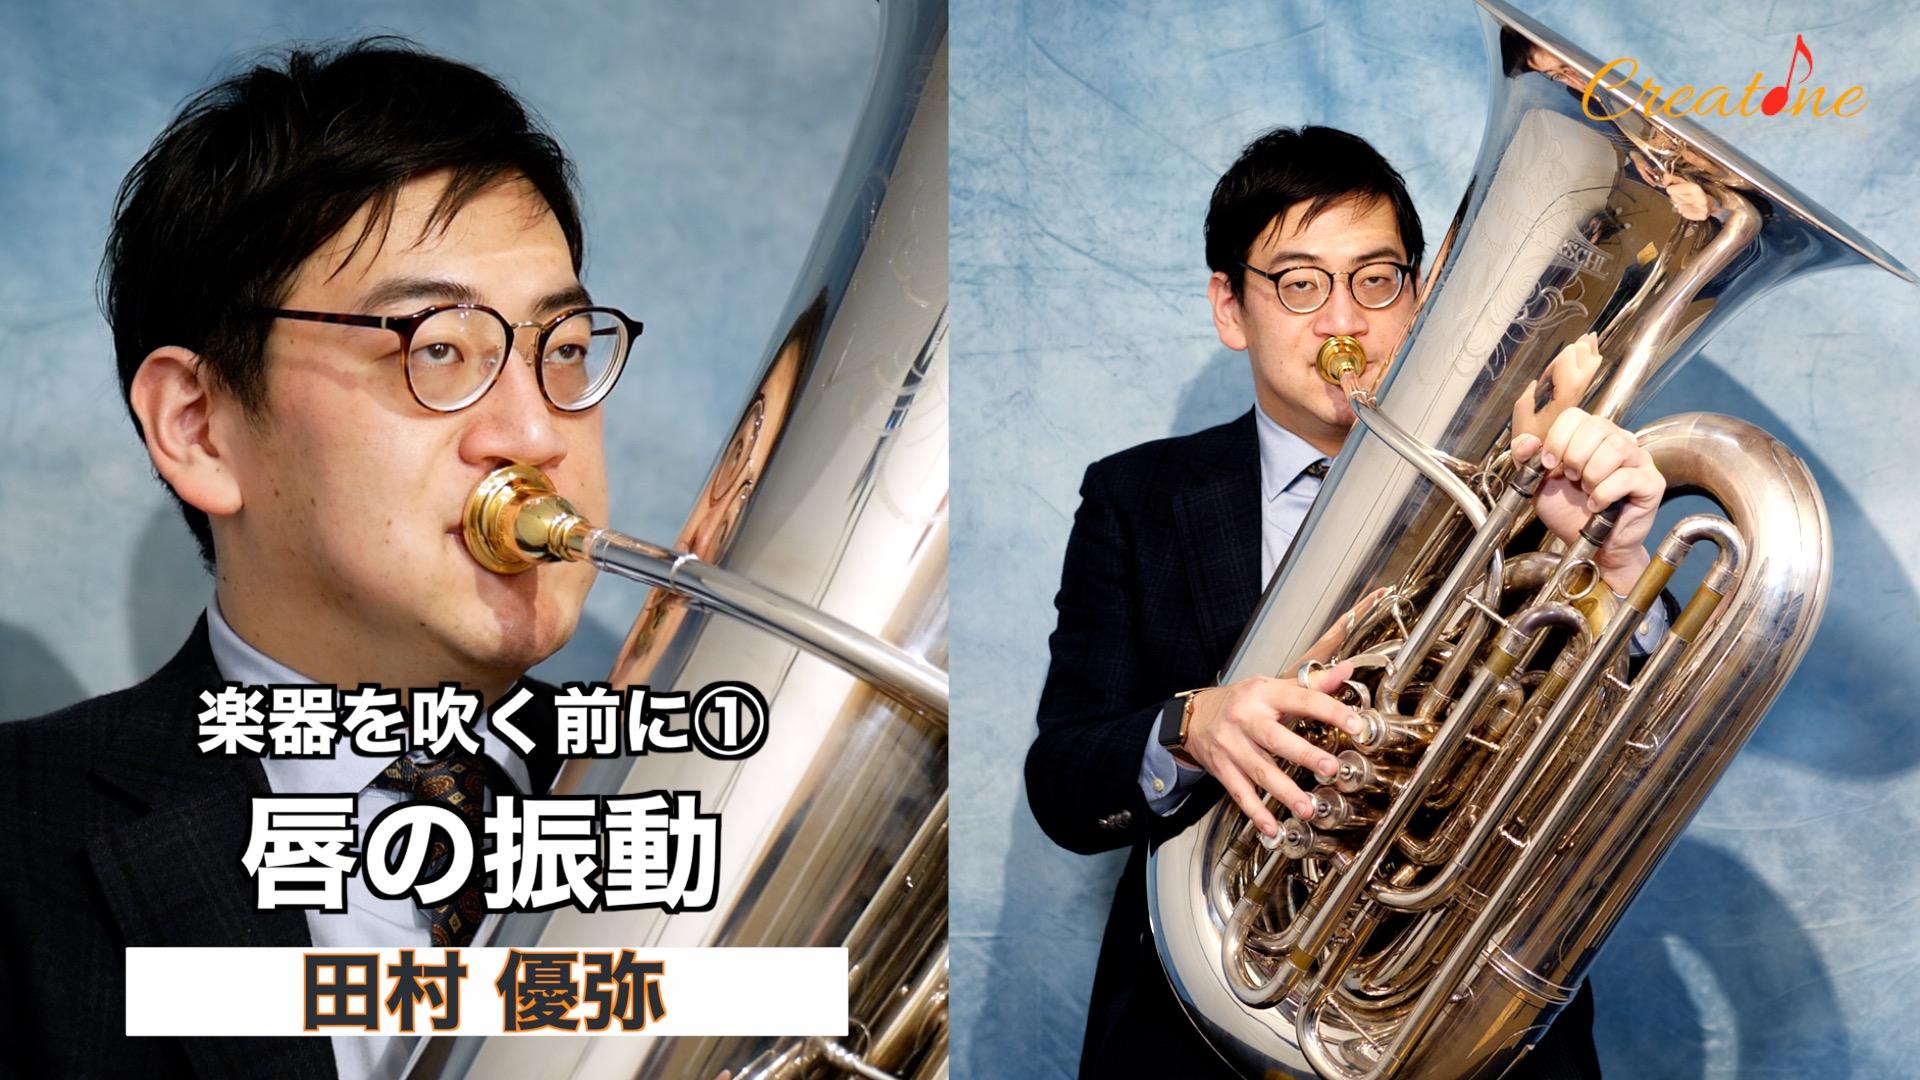 田村優弥1 楽器を吹く前に①唇の振動 サムネ